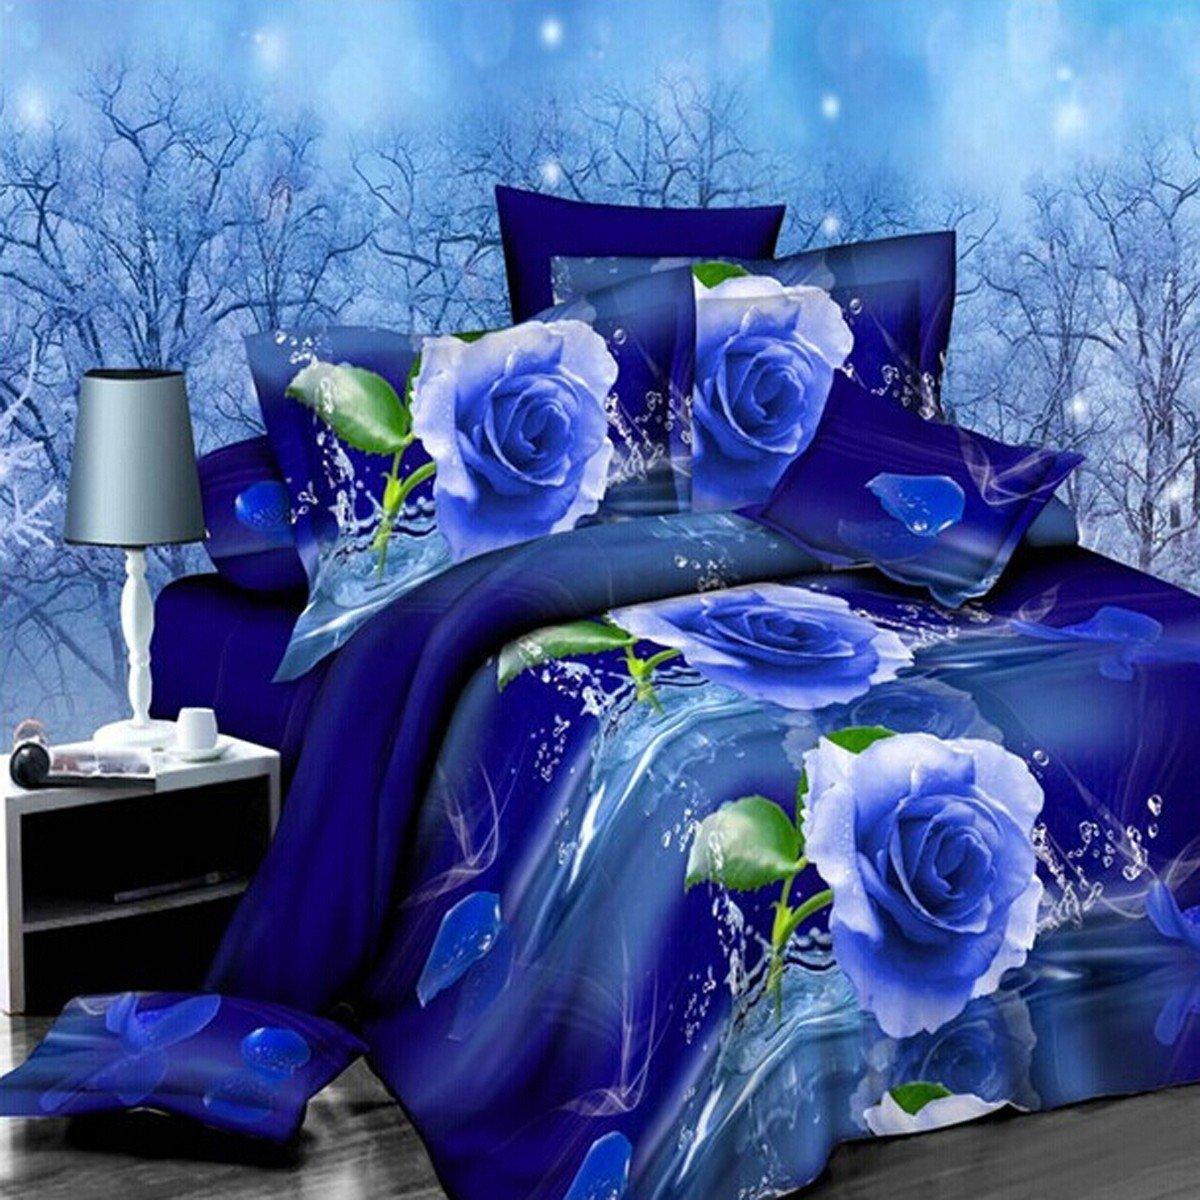 Juego de cama completo de 4 piezas con diseño de rosa azul con efecto 3D de Danke de 1,8 m (incluye 1 funda de edredón, 1 sábana bajera y 2 fundas de almohada)